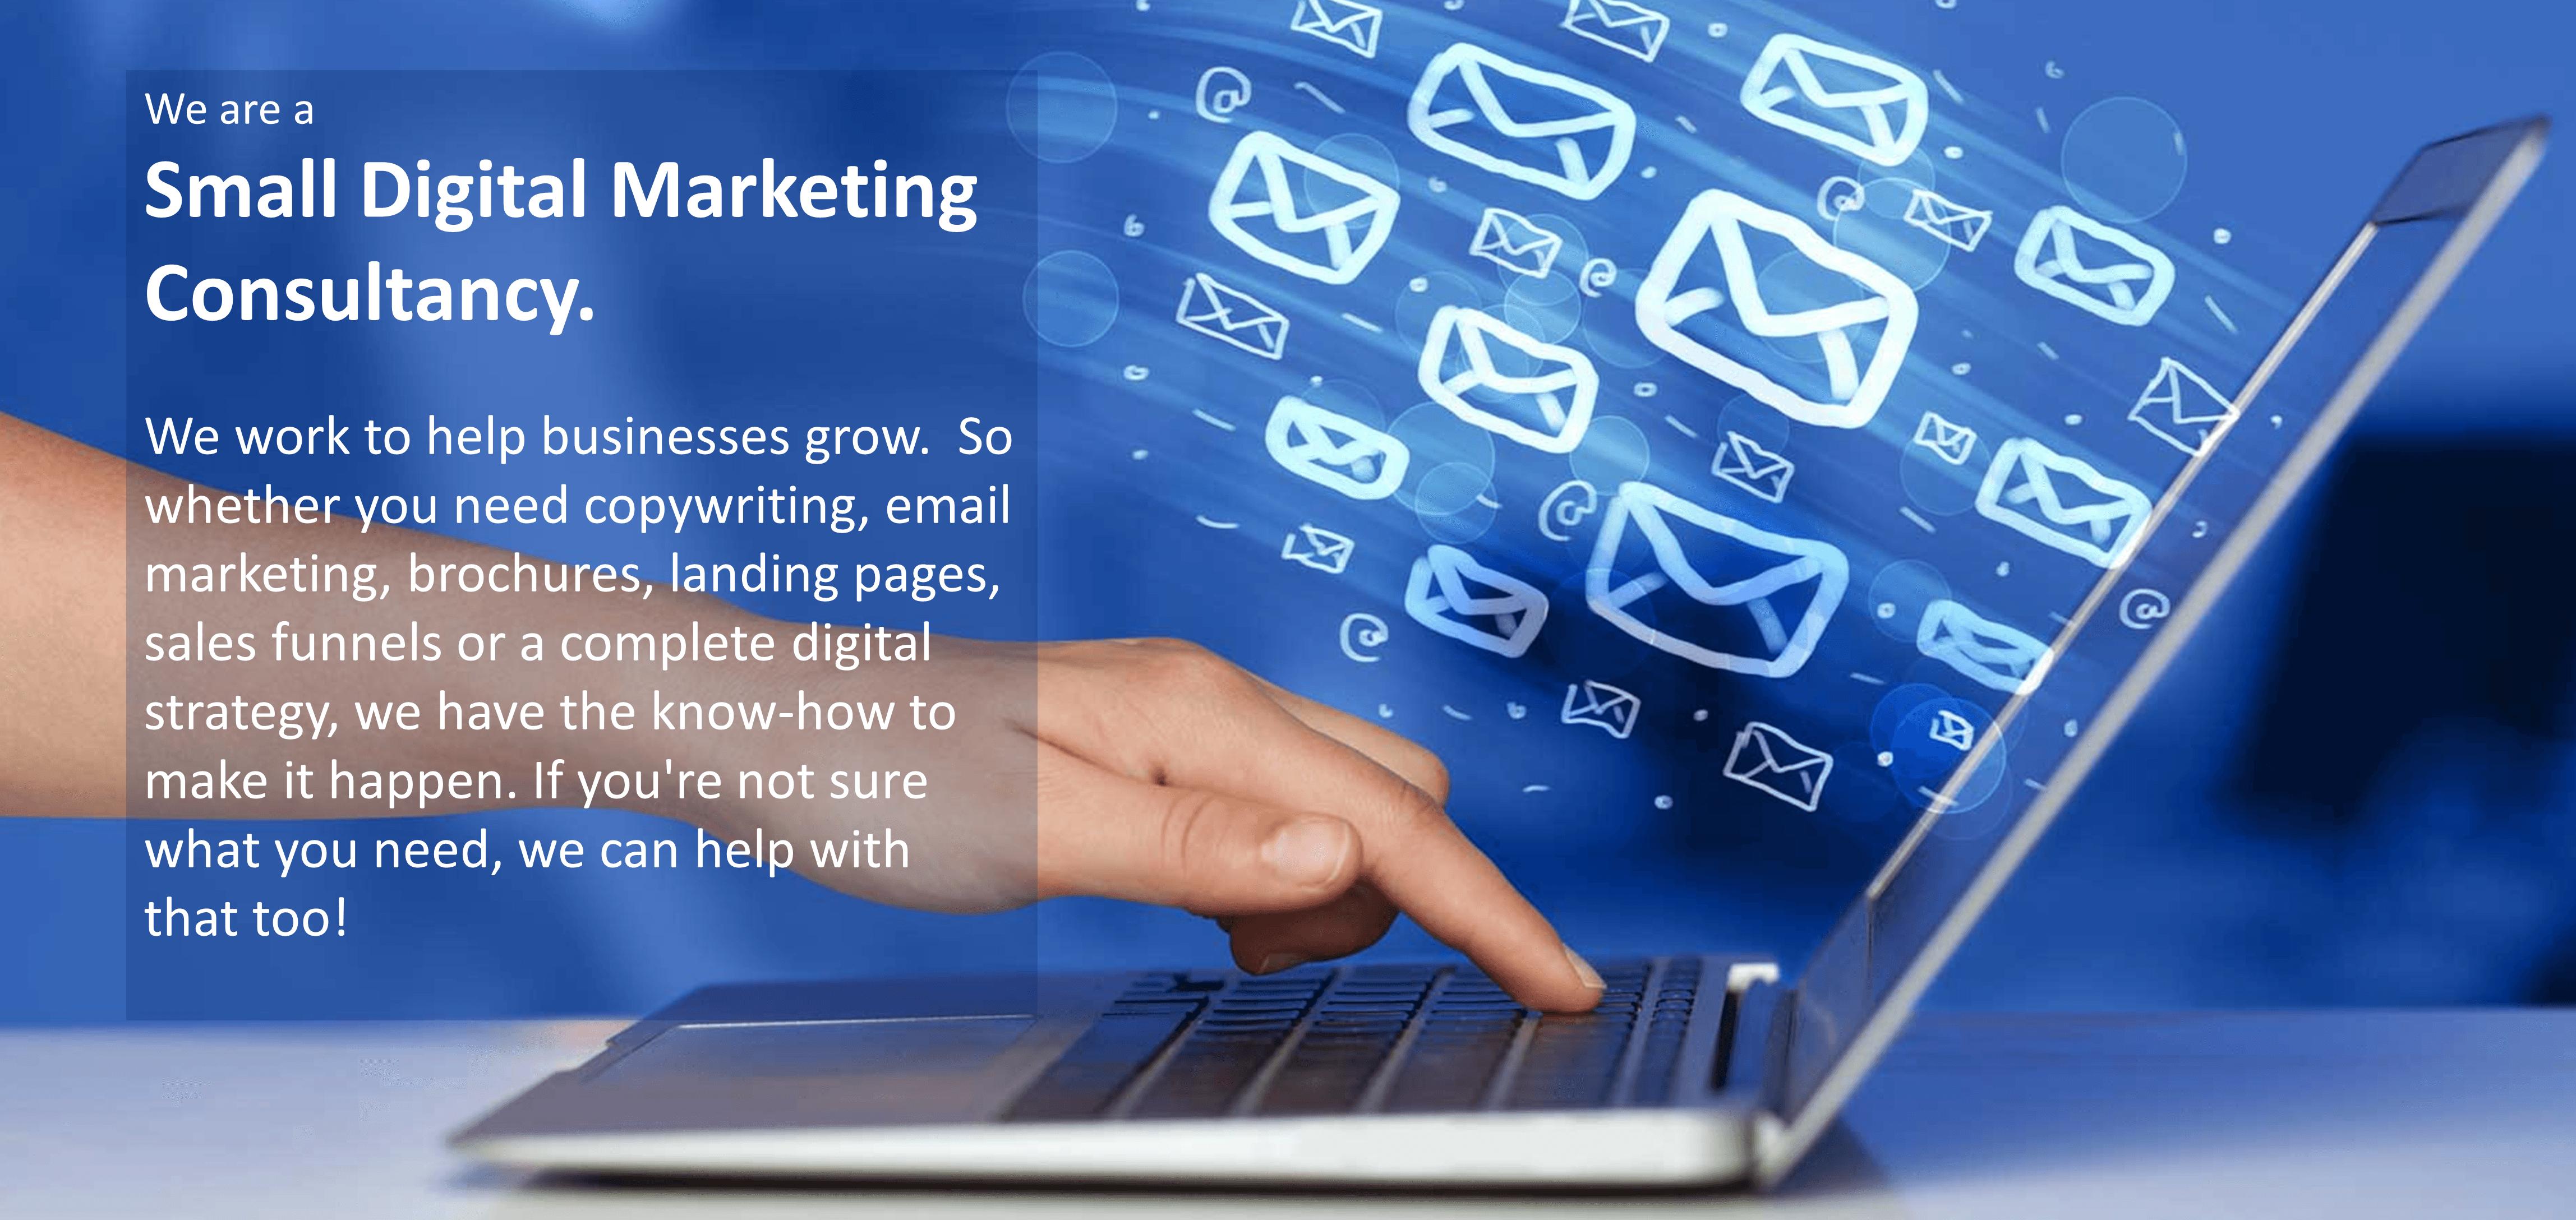 Brandmail, C360, Digitial sales and marketing signatures